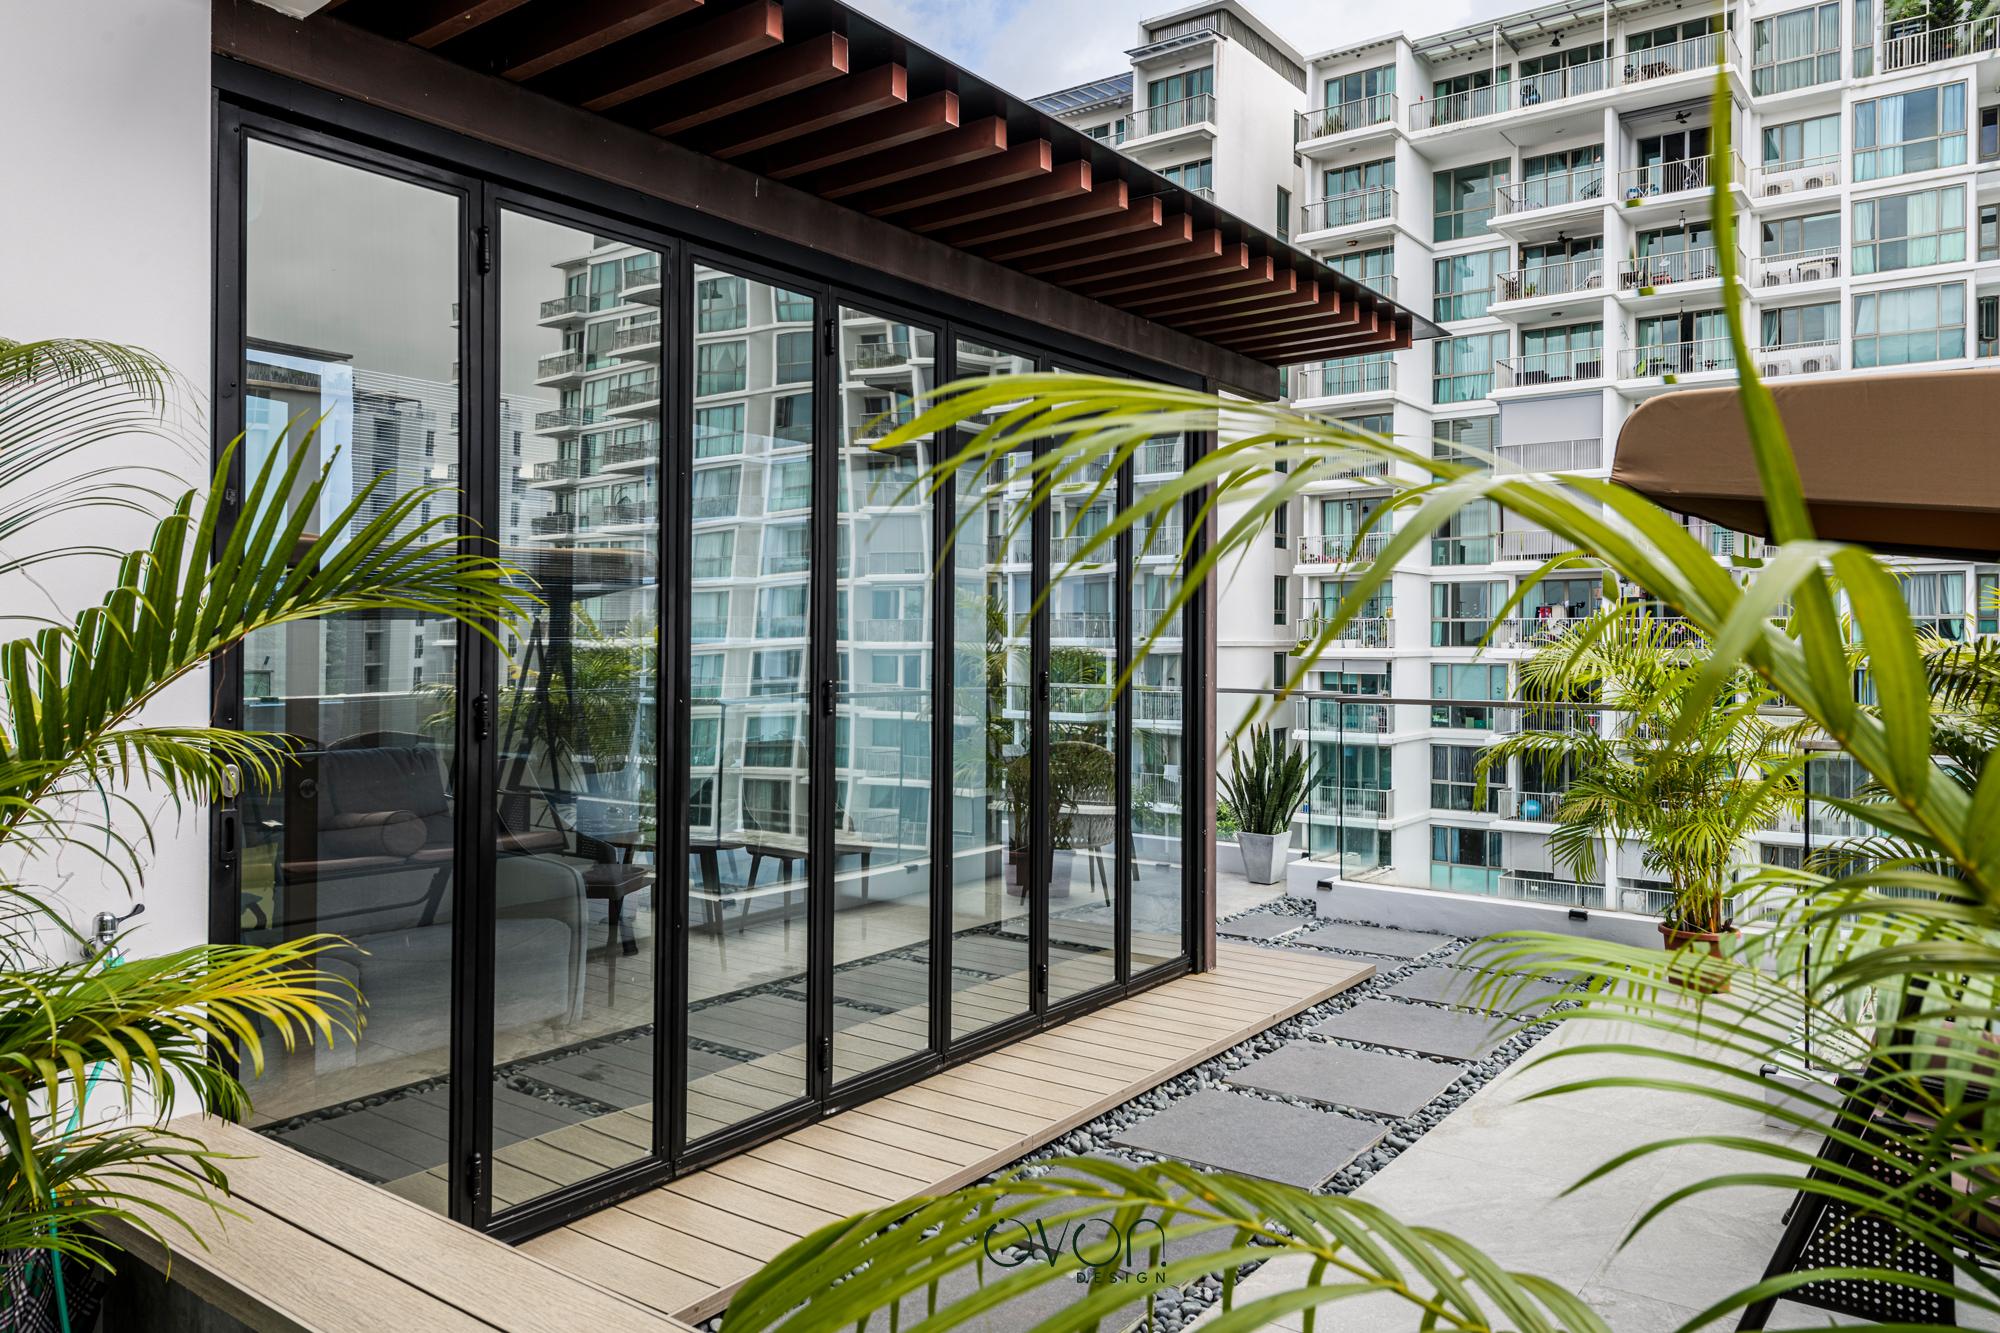 177 Coastal View Residences1109